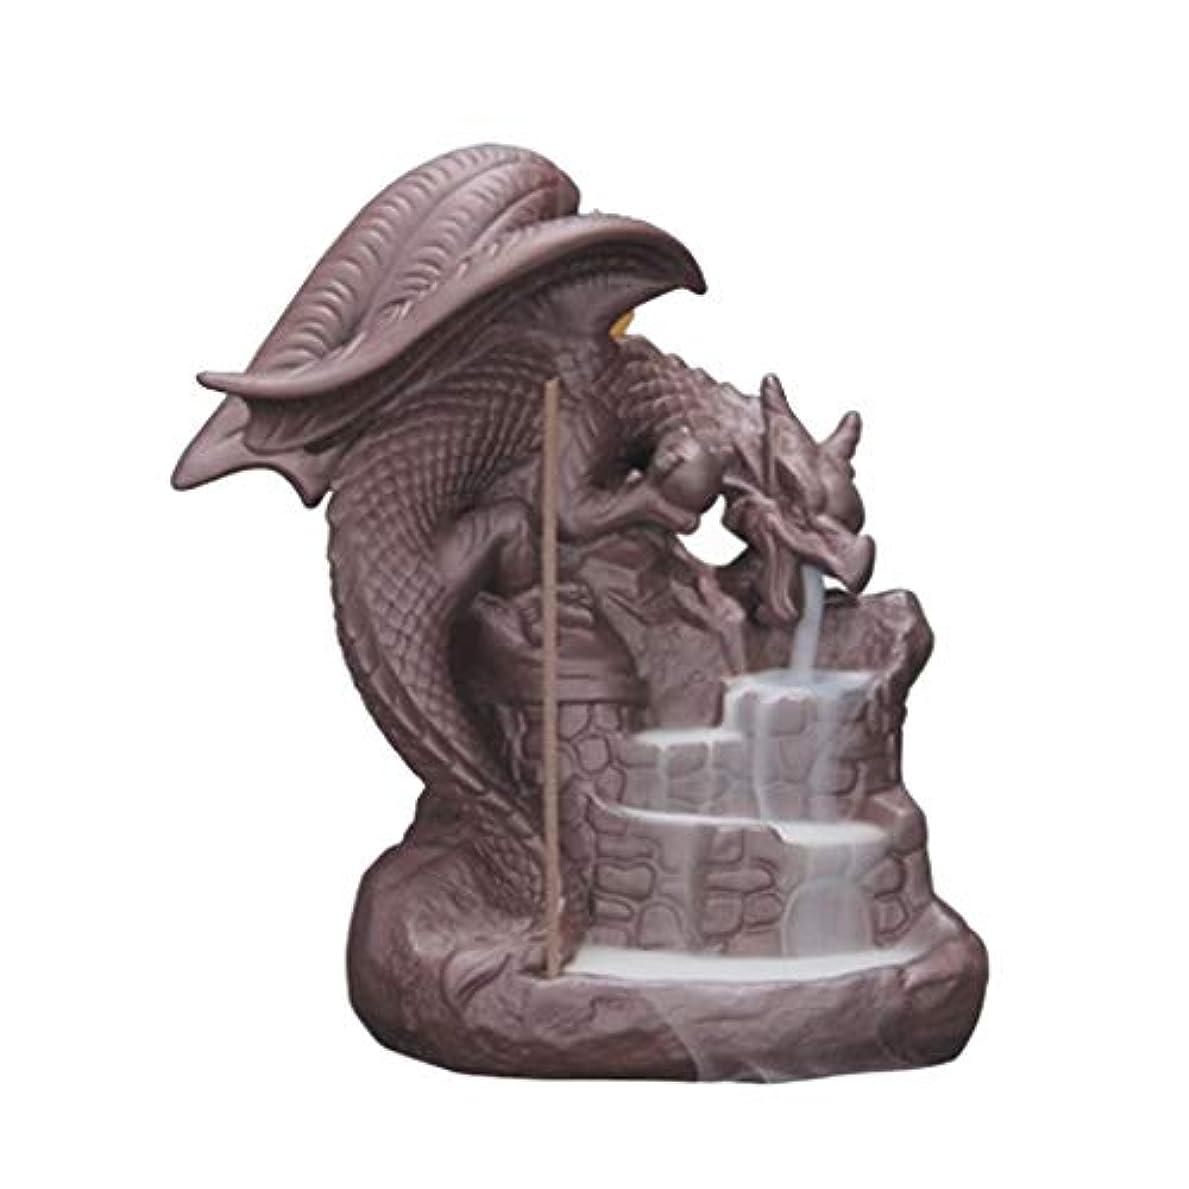 序文メイン期限ホームアロマバーナー セラミック逆流香バーナー香炉の家の装飾ドラゴン香ホルダーバーナー使用ホームオフィスの装飾ギフト 芳香器アロマバーナー (Color : B)